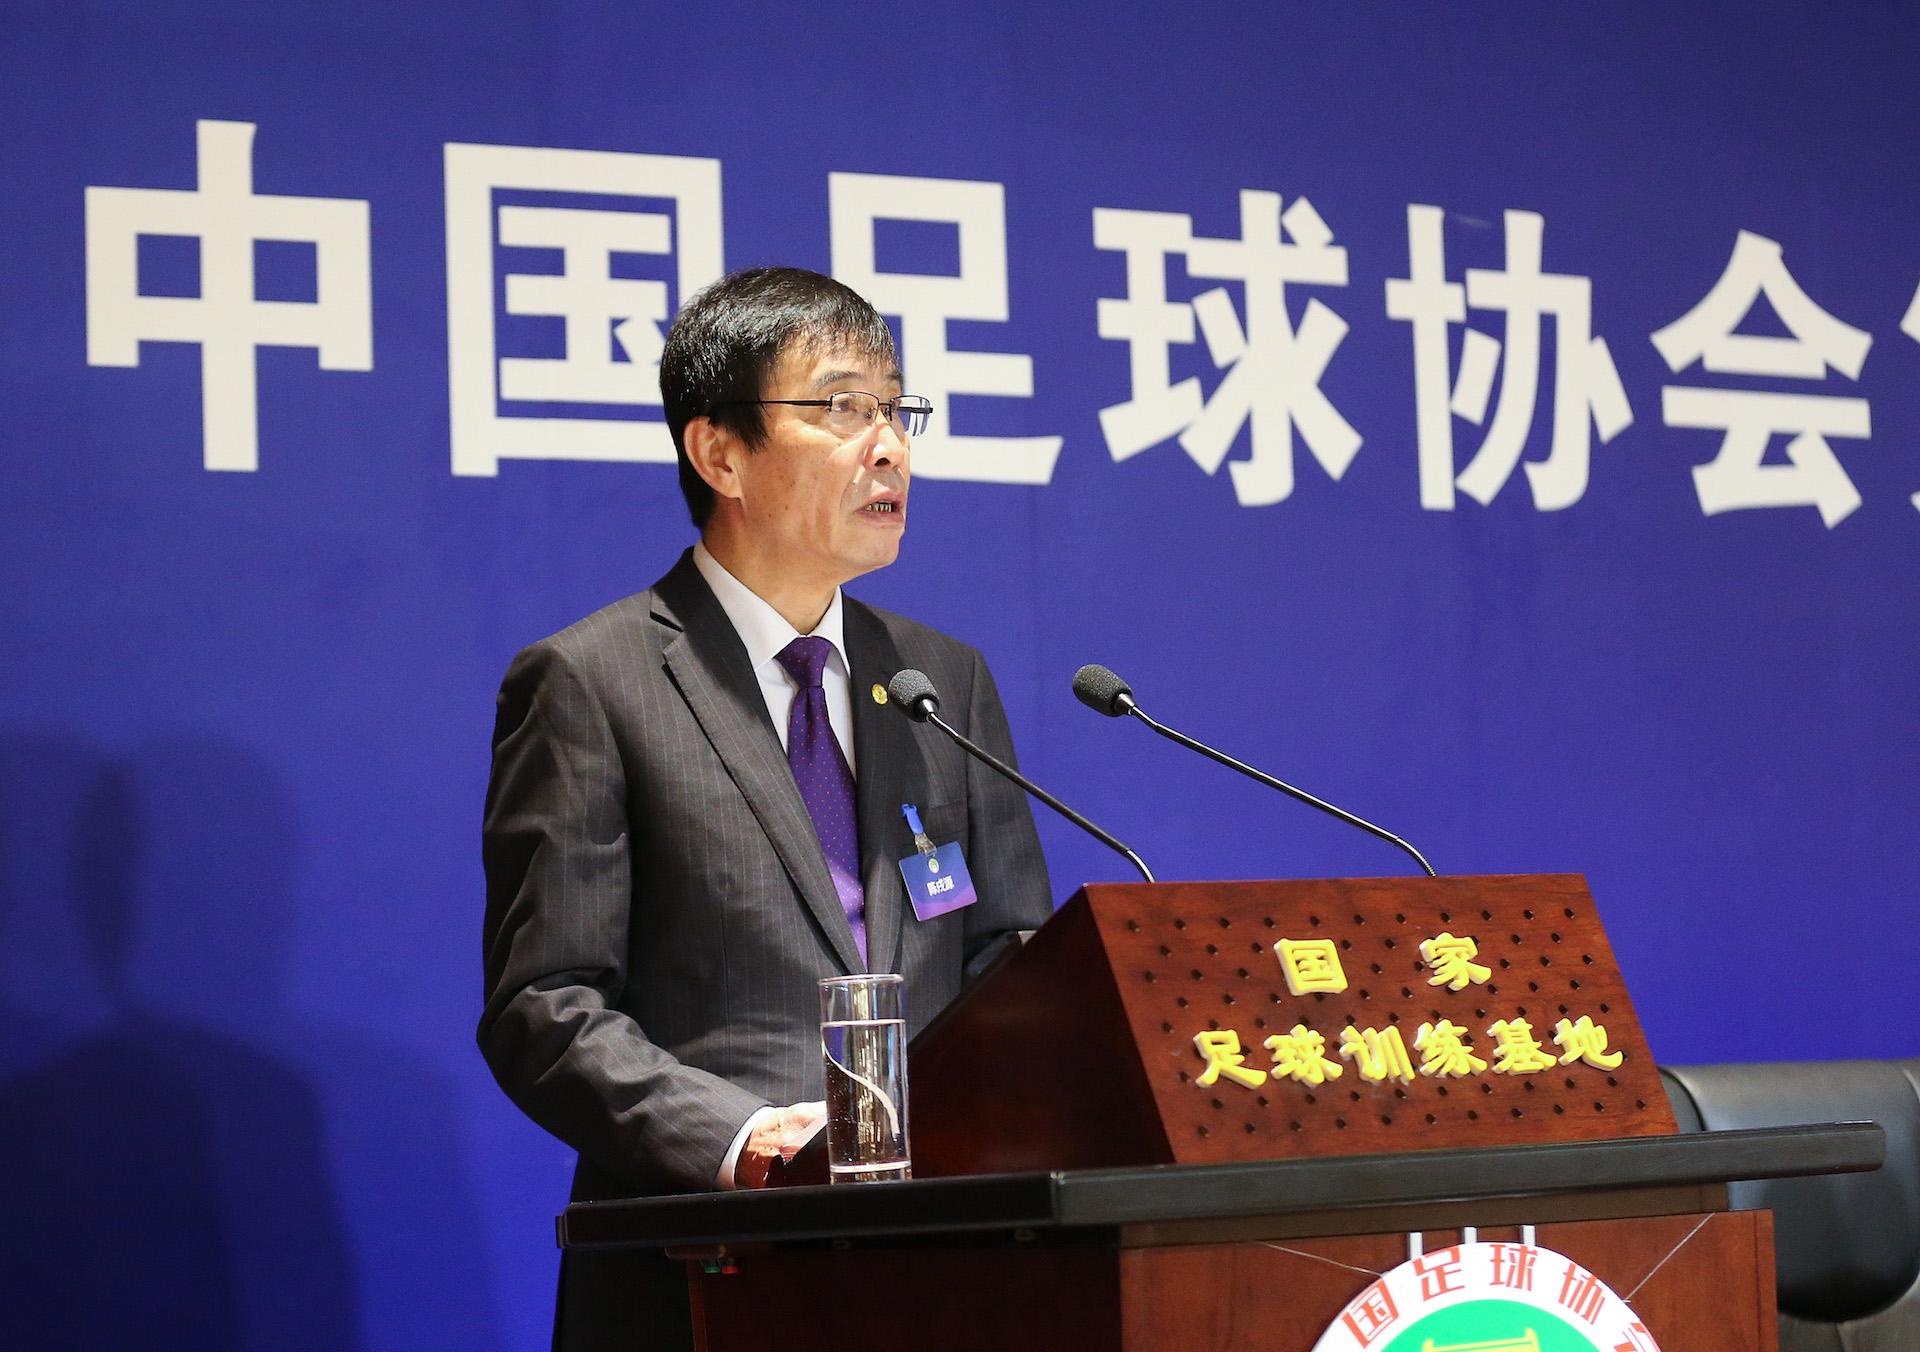 陈戌源任足协新任主席 当选后发表就职讲话